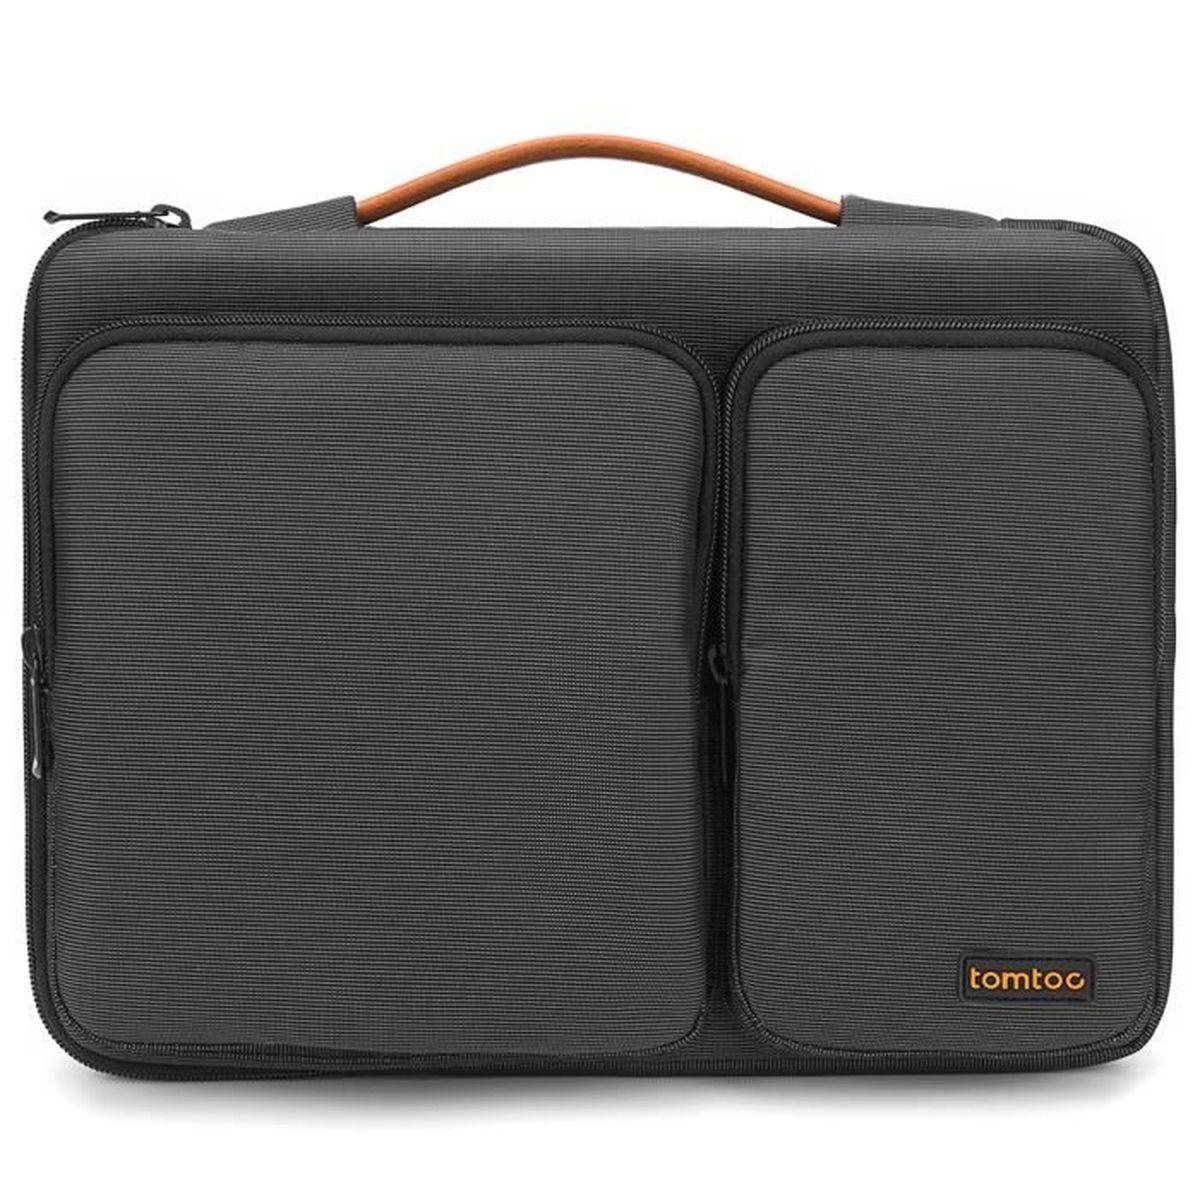 tomtoc sacoche ordinateur portable 15.6 pouces - prix pas cher